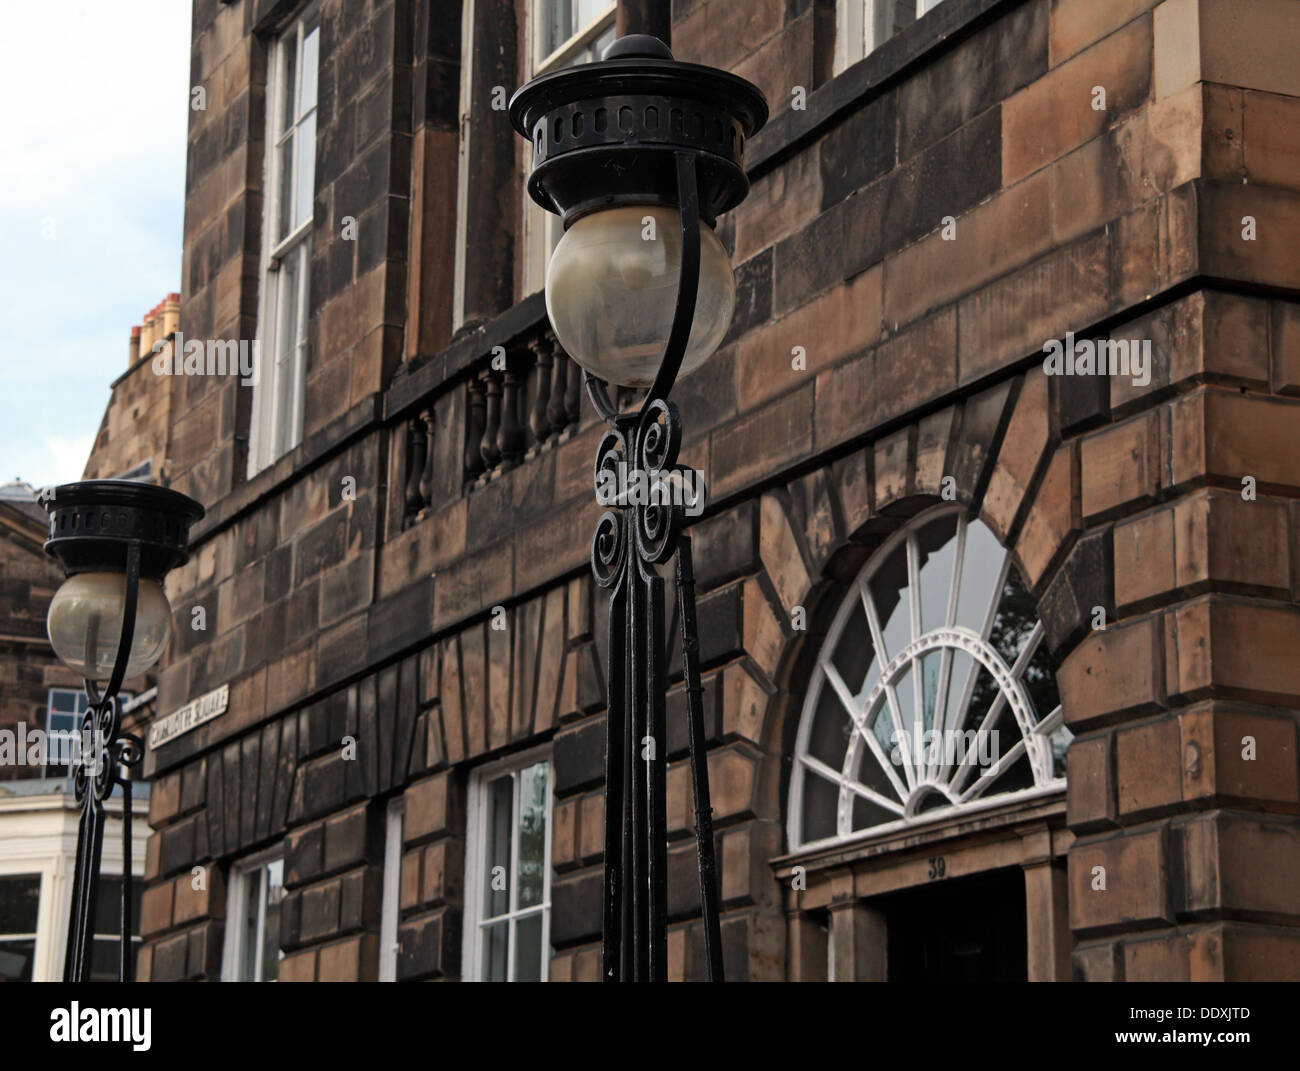 Laden Sie dieses Alamy Stockfoto Gebäude von New Town von Edinburgh, klassische Architektur, Straßenlaternen, Lothian, Schottland, Großbritannien - DDXJTD